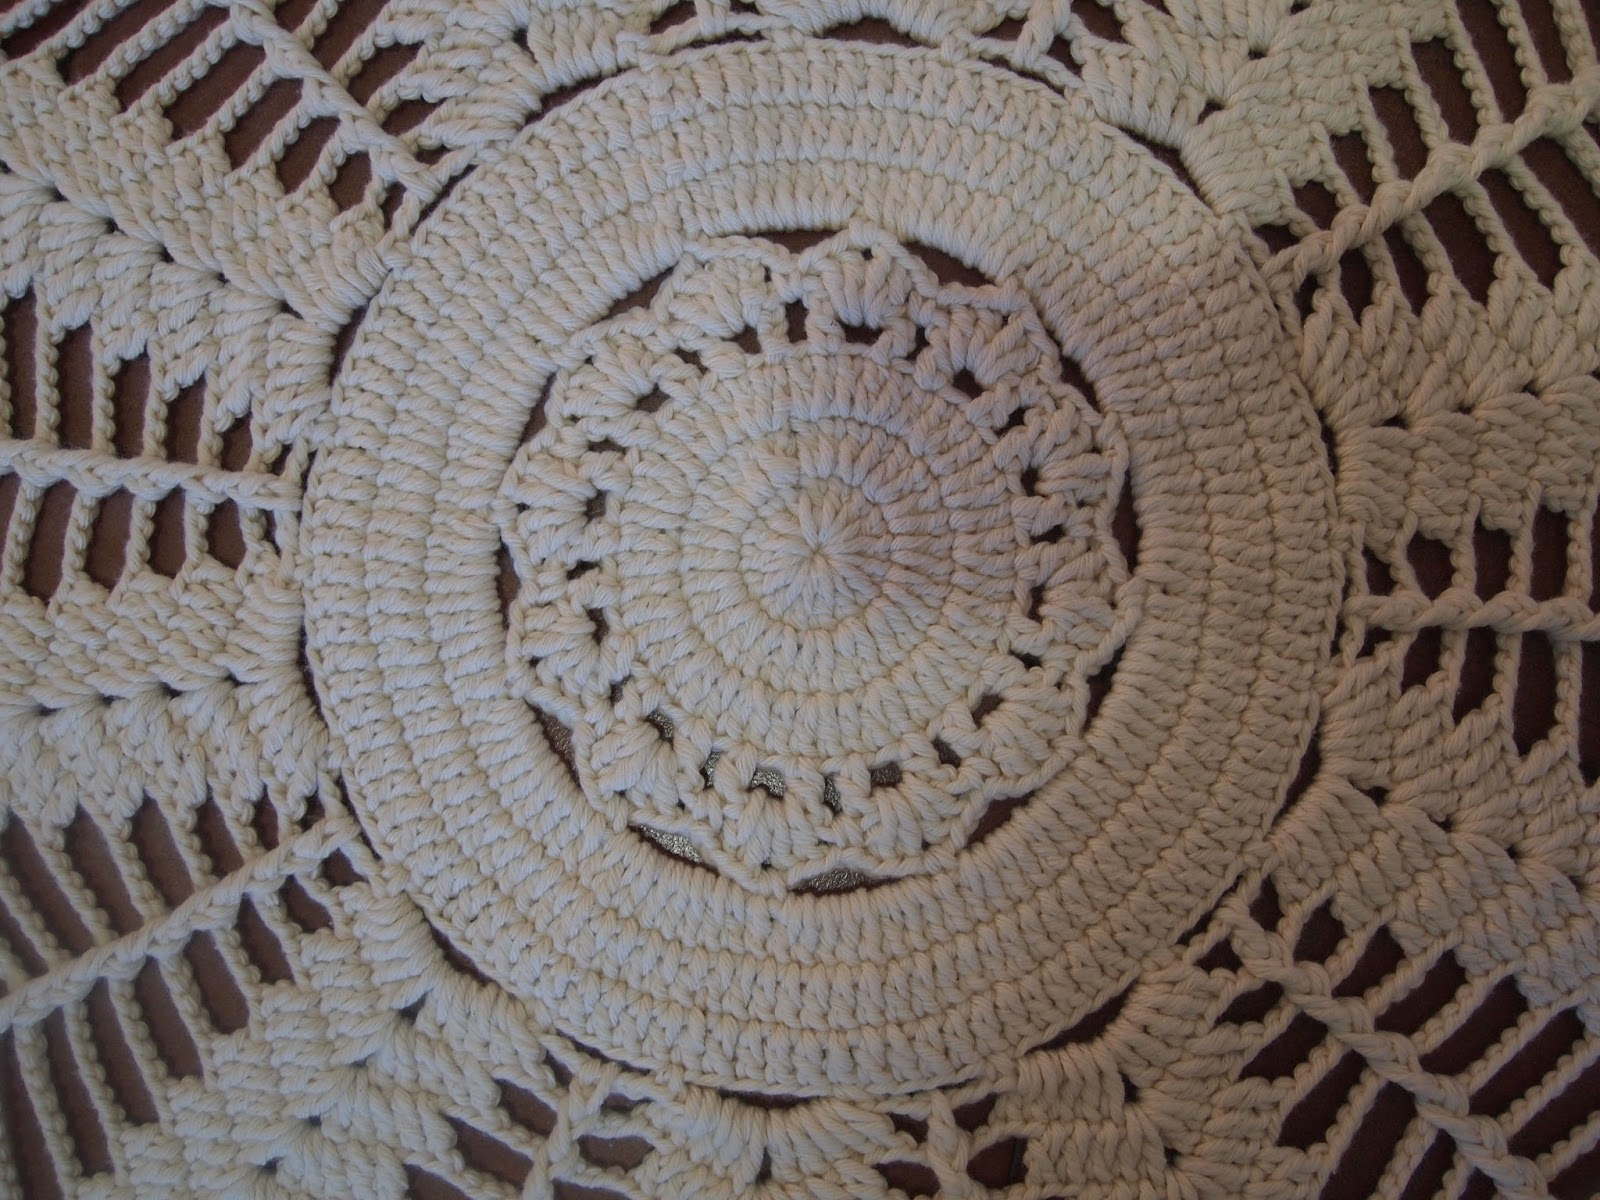 Tapete Redondo De Croche Passo A Passo Tapete De Croche Ou Toalha  -> Tapete De Croche Redondo Passo A Passo